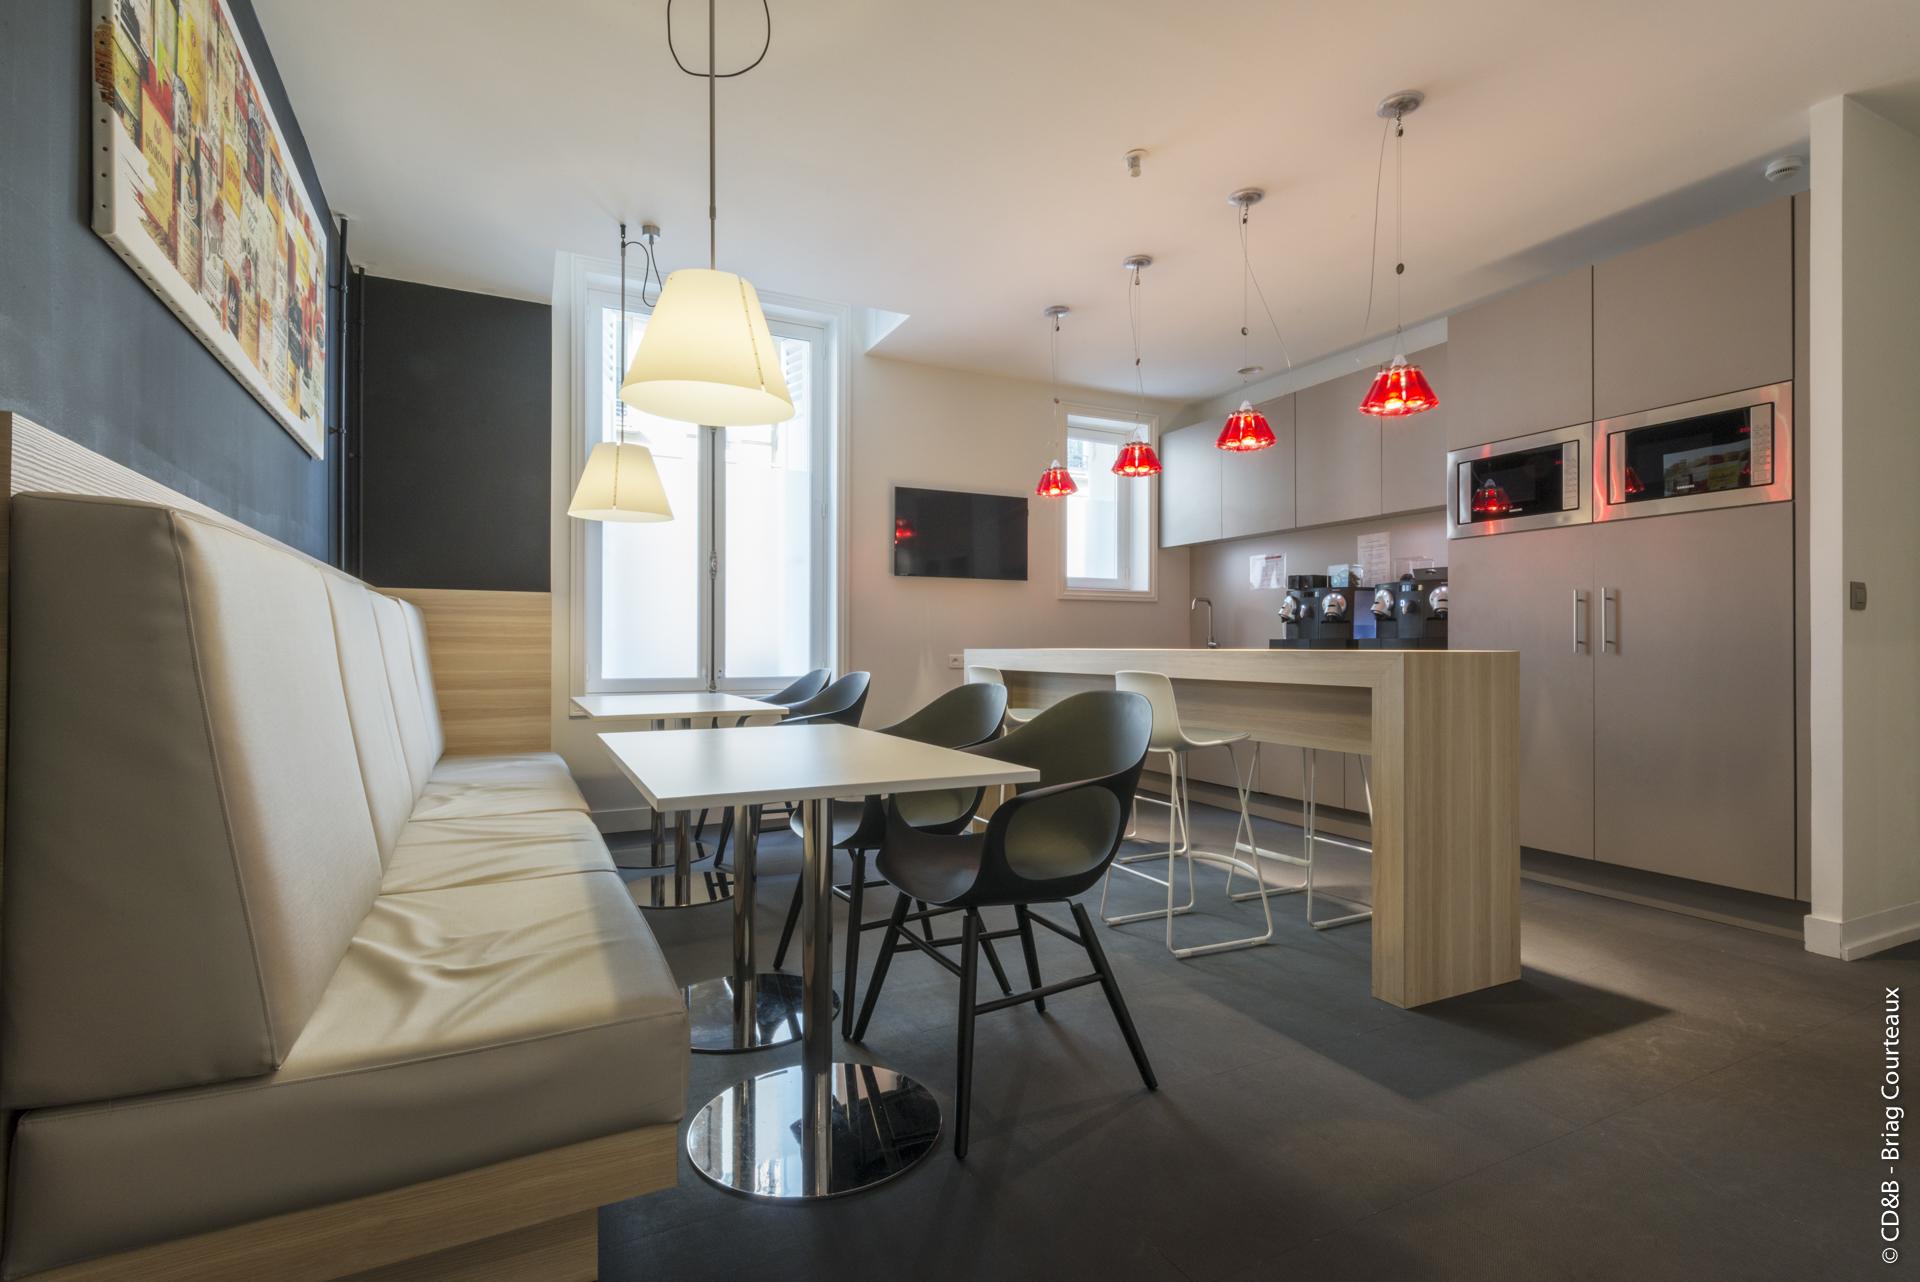 Conseil, aménagement, conception et réalisation des espaces de la société Rothschild par CDB, Meet you there.